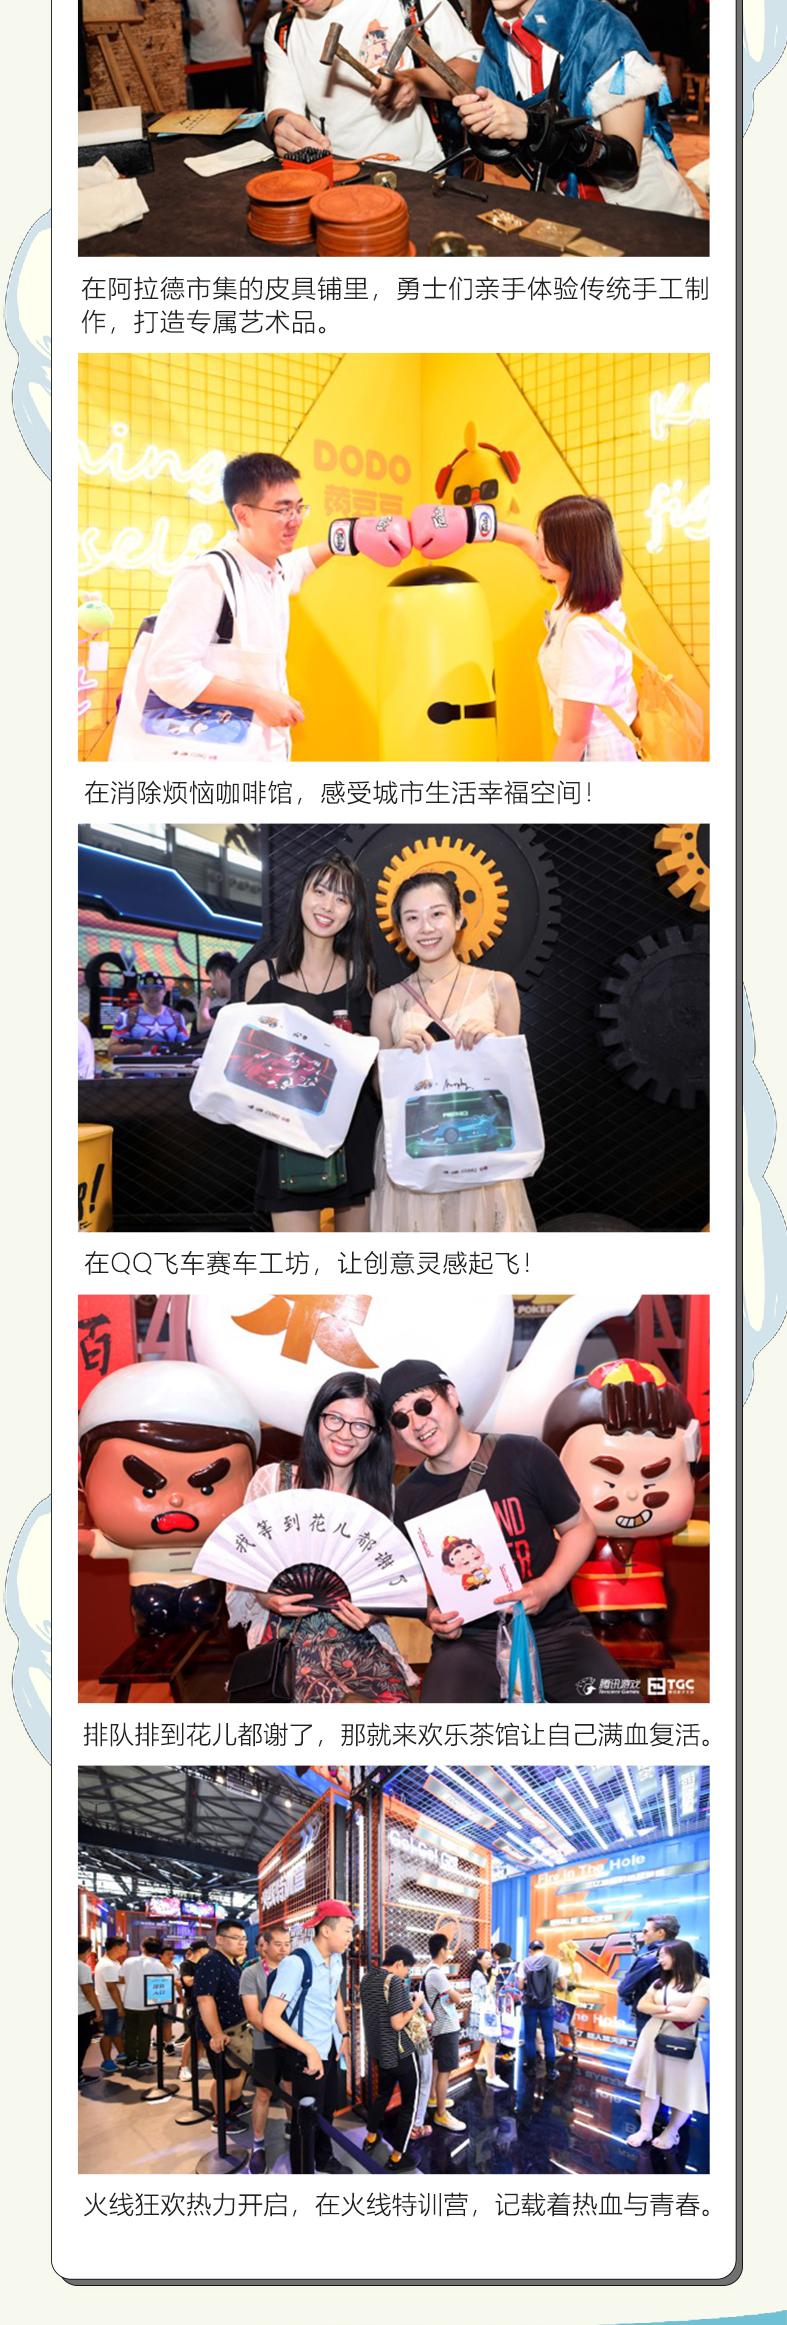 在ChinaJoy2019,遇见数字文创文化生活新空间